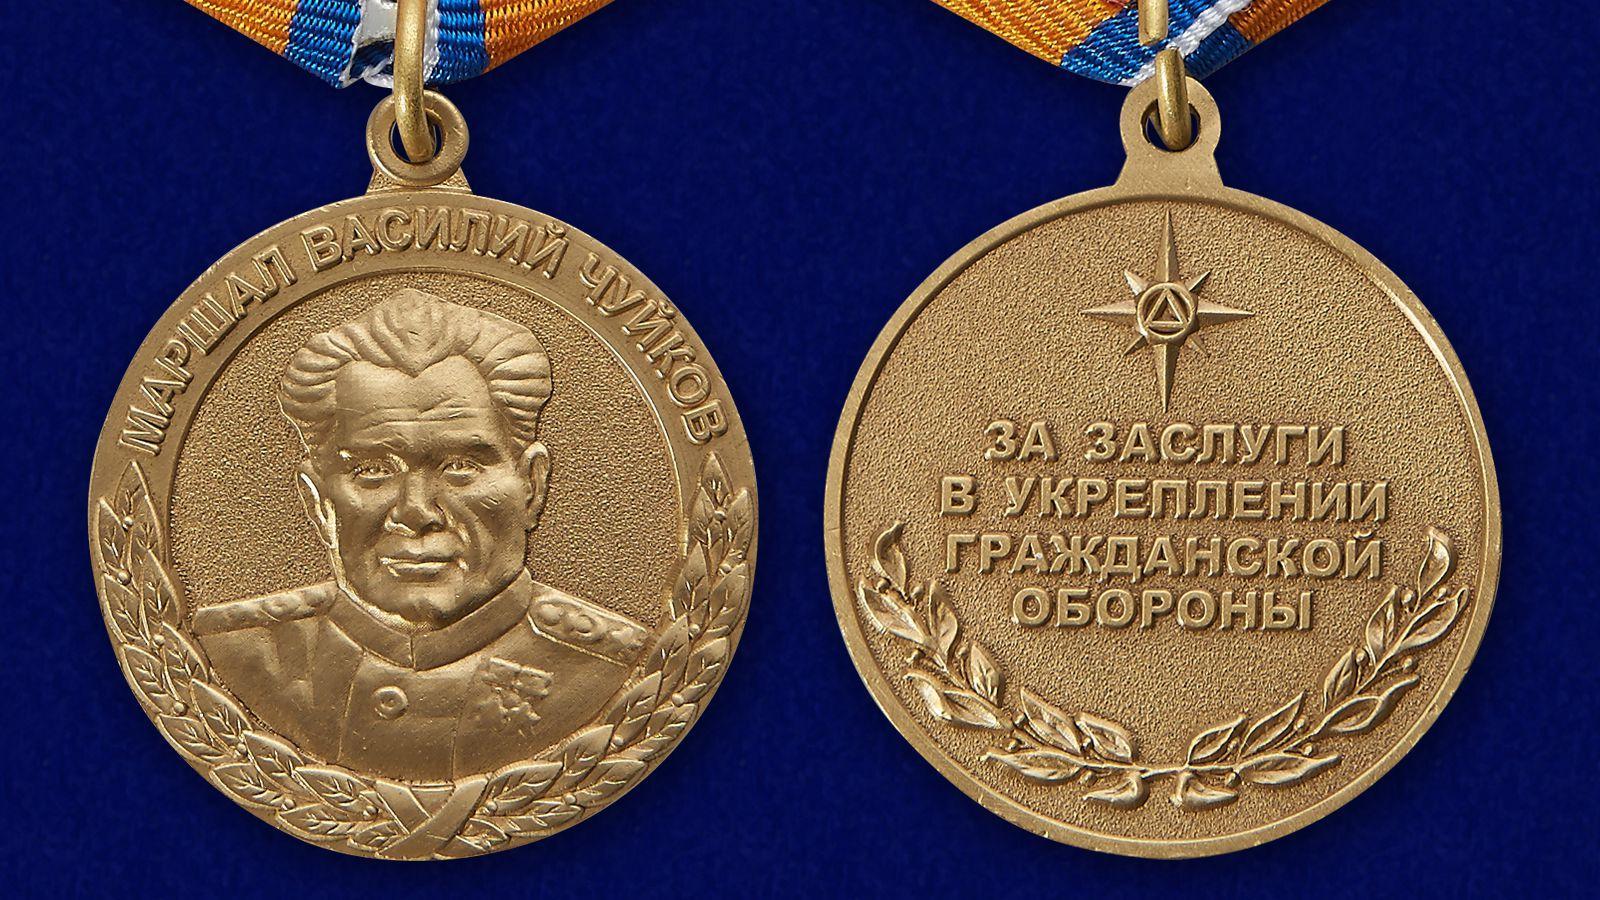 Никто не забыт и ничто не забыто: 120 лет со дня рождения Василия Чуйкова